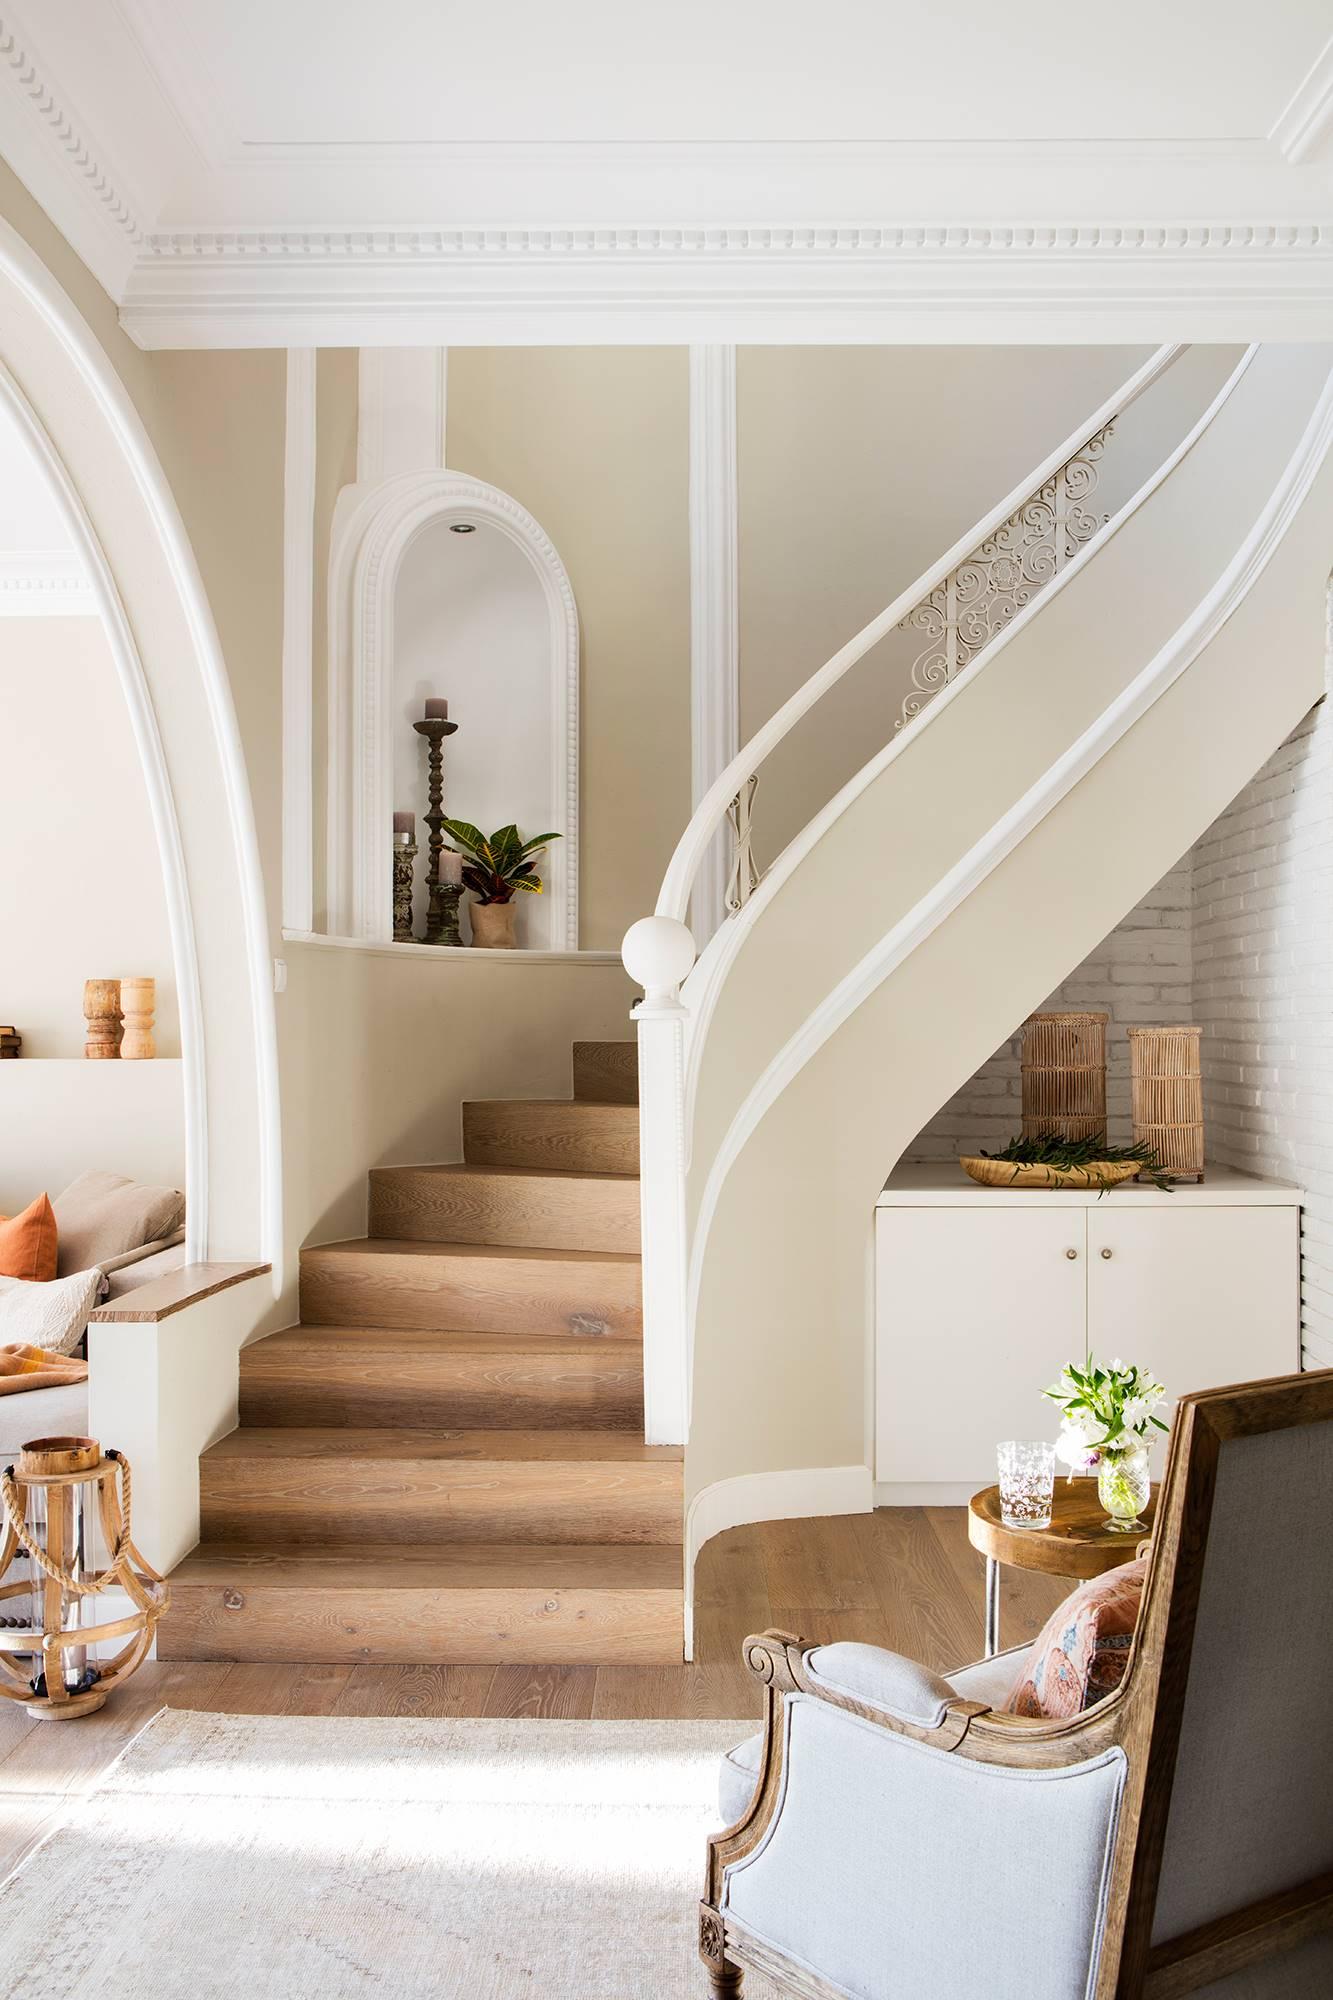 295 fotos de escaleras - Fotos en escaleras ...